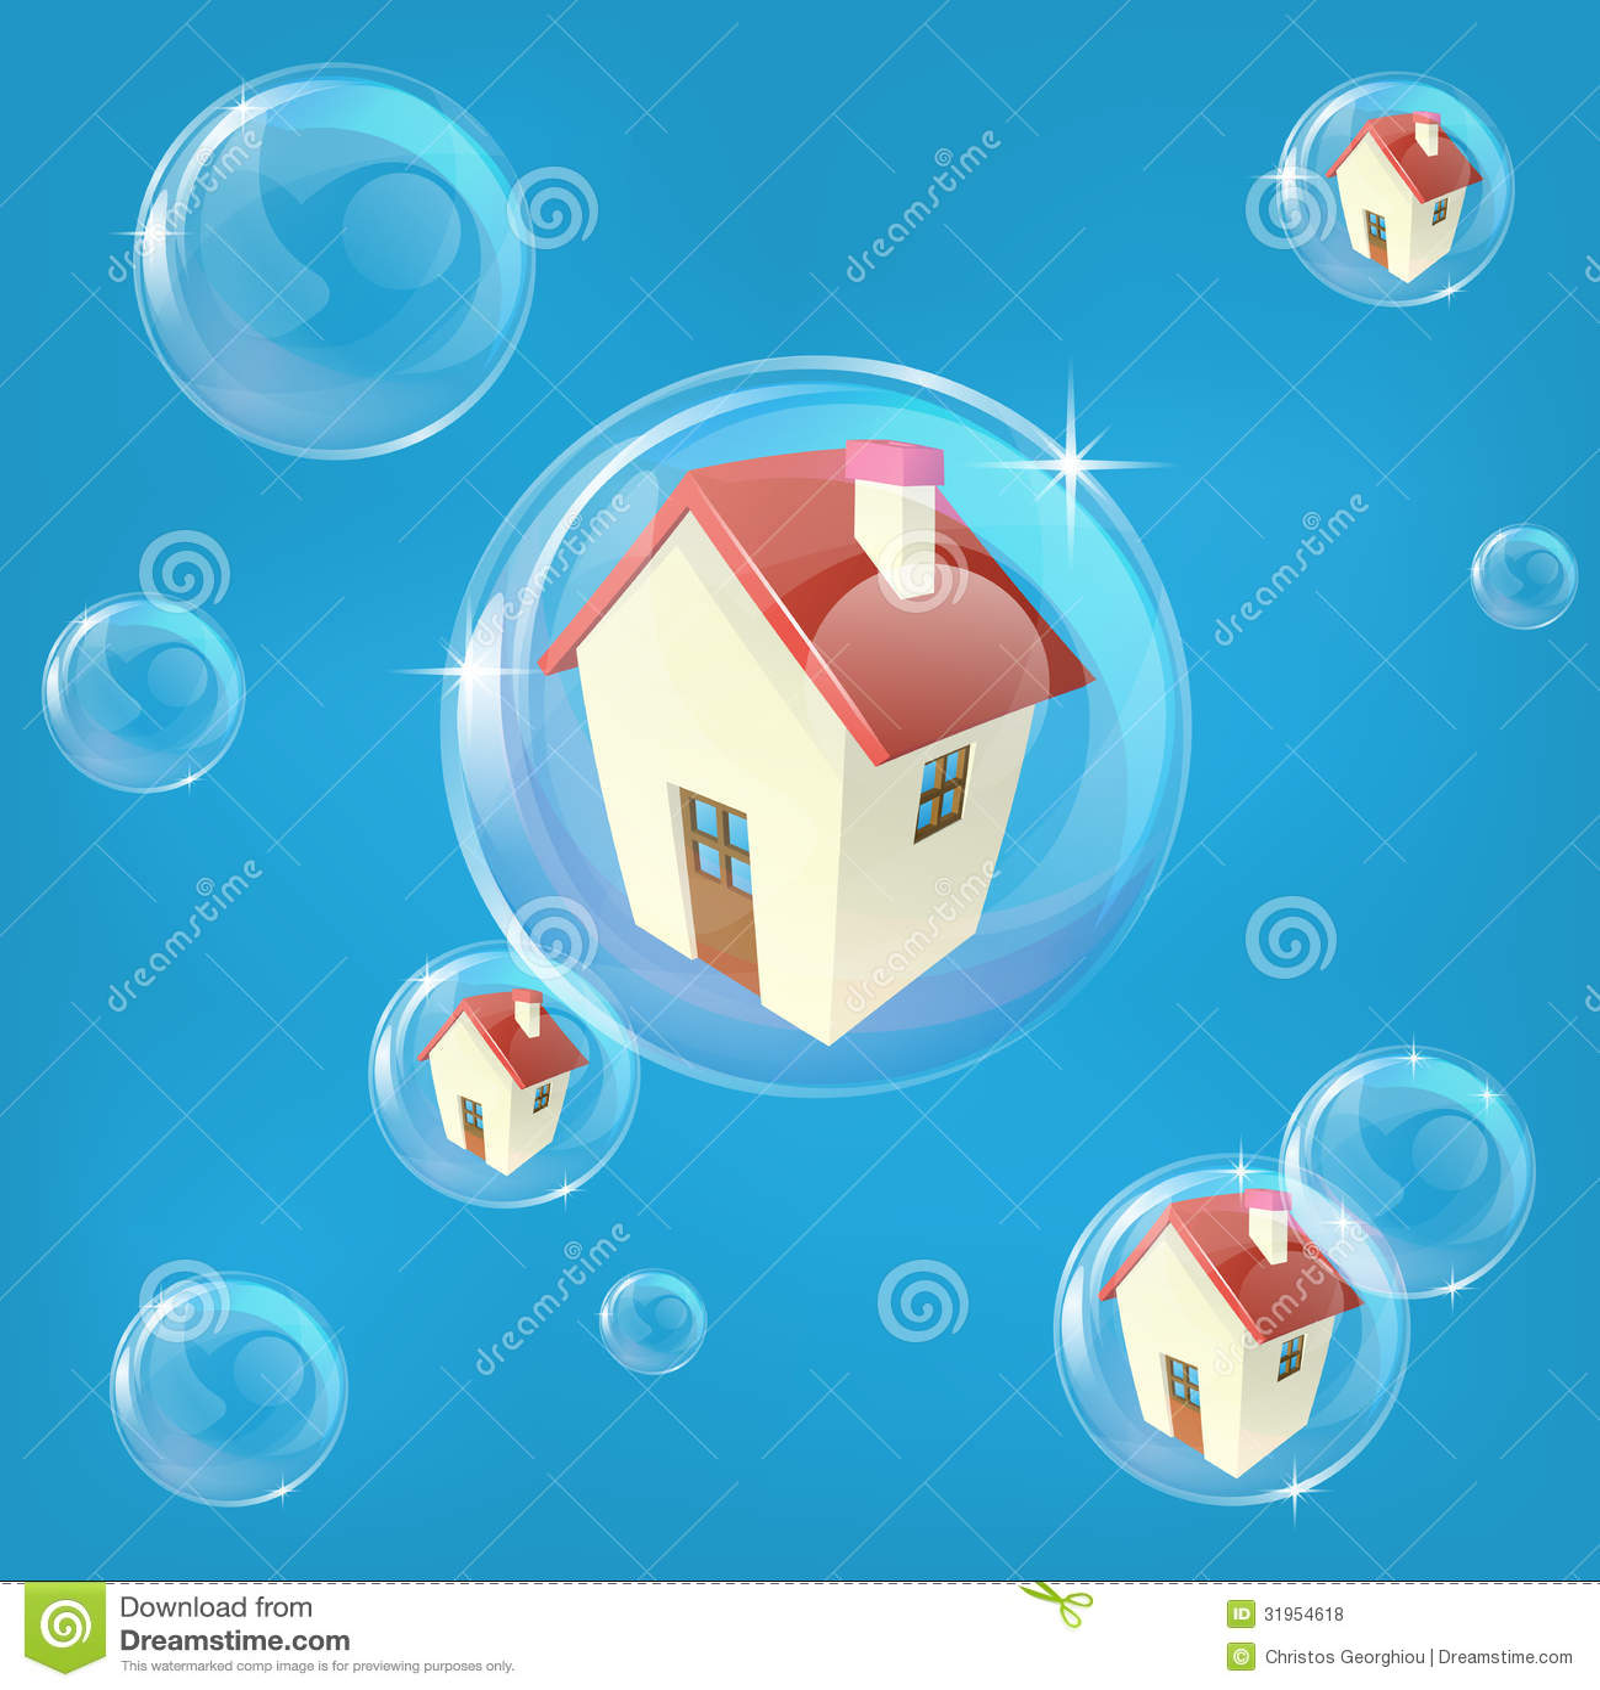 Concepto de la burbuja de vivienda